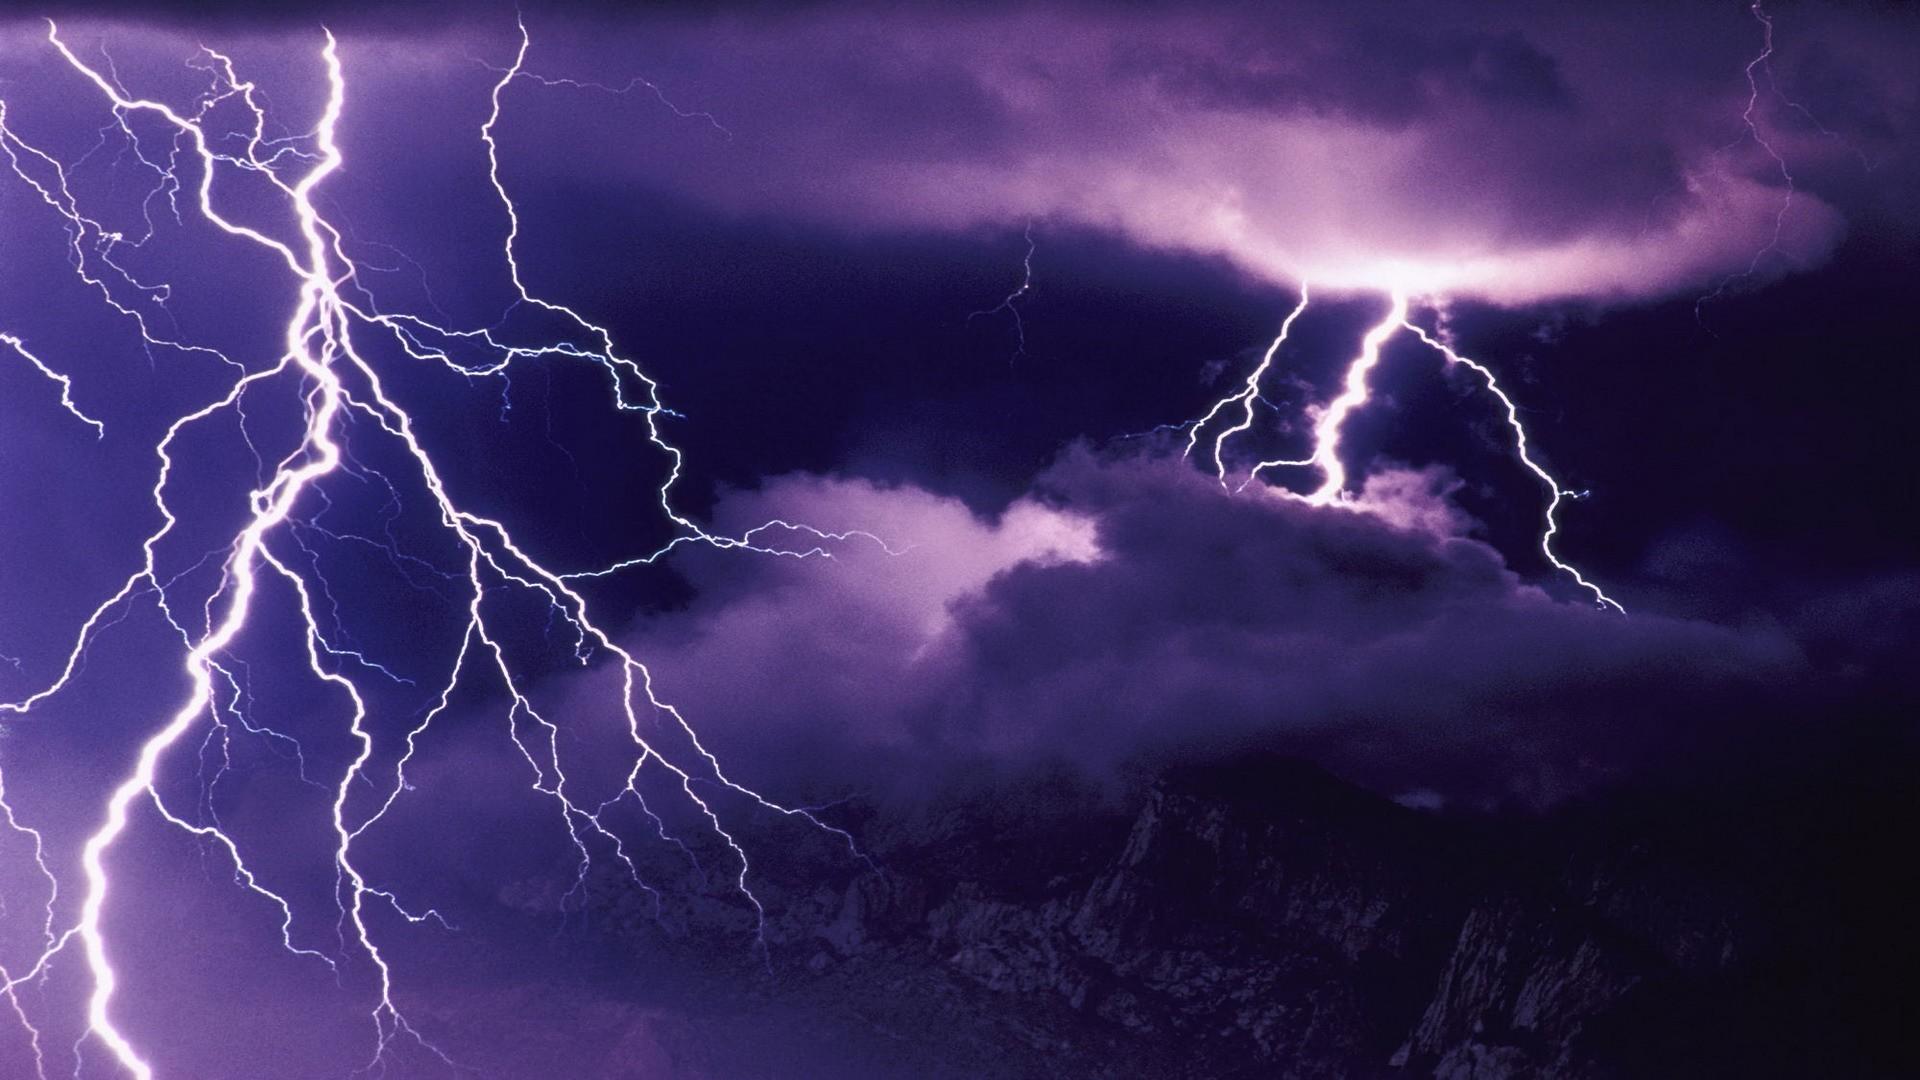 wallpaper : sky, lightning, storm, atmosphere, thunder, thunderbolt